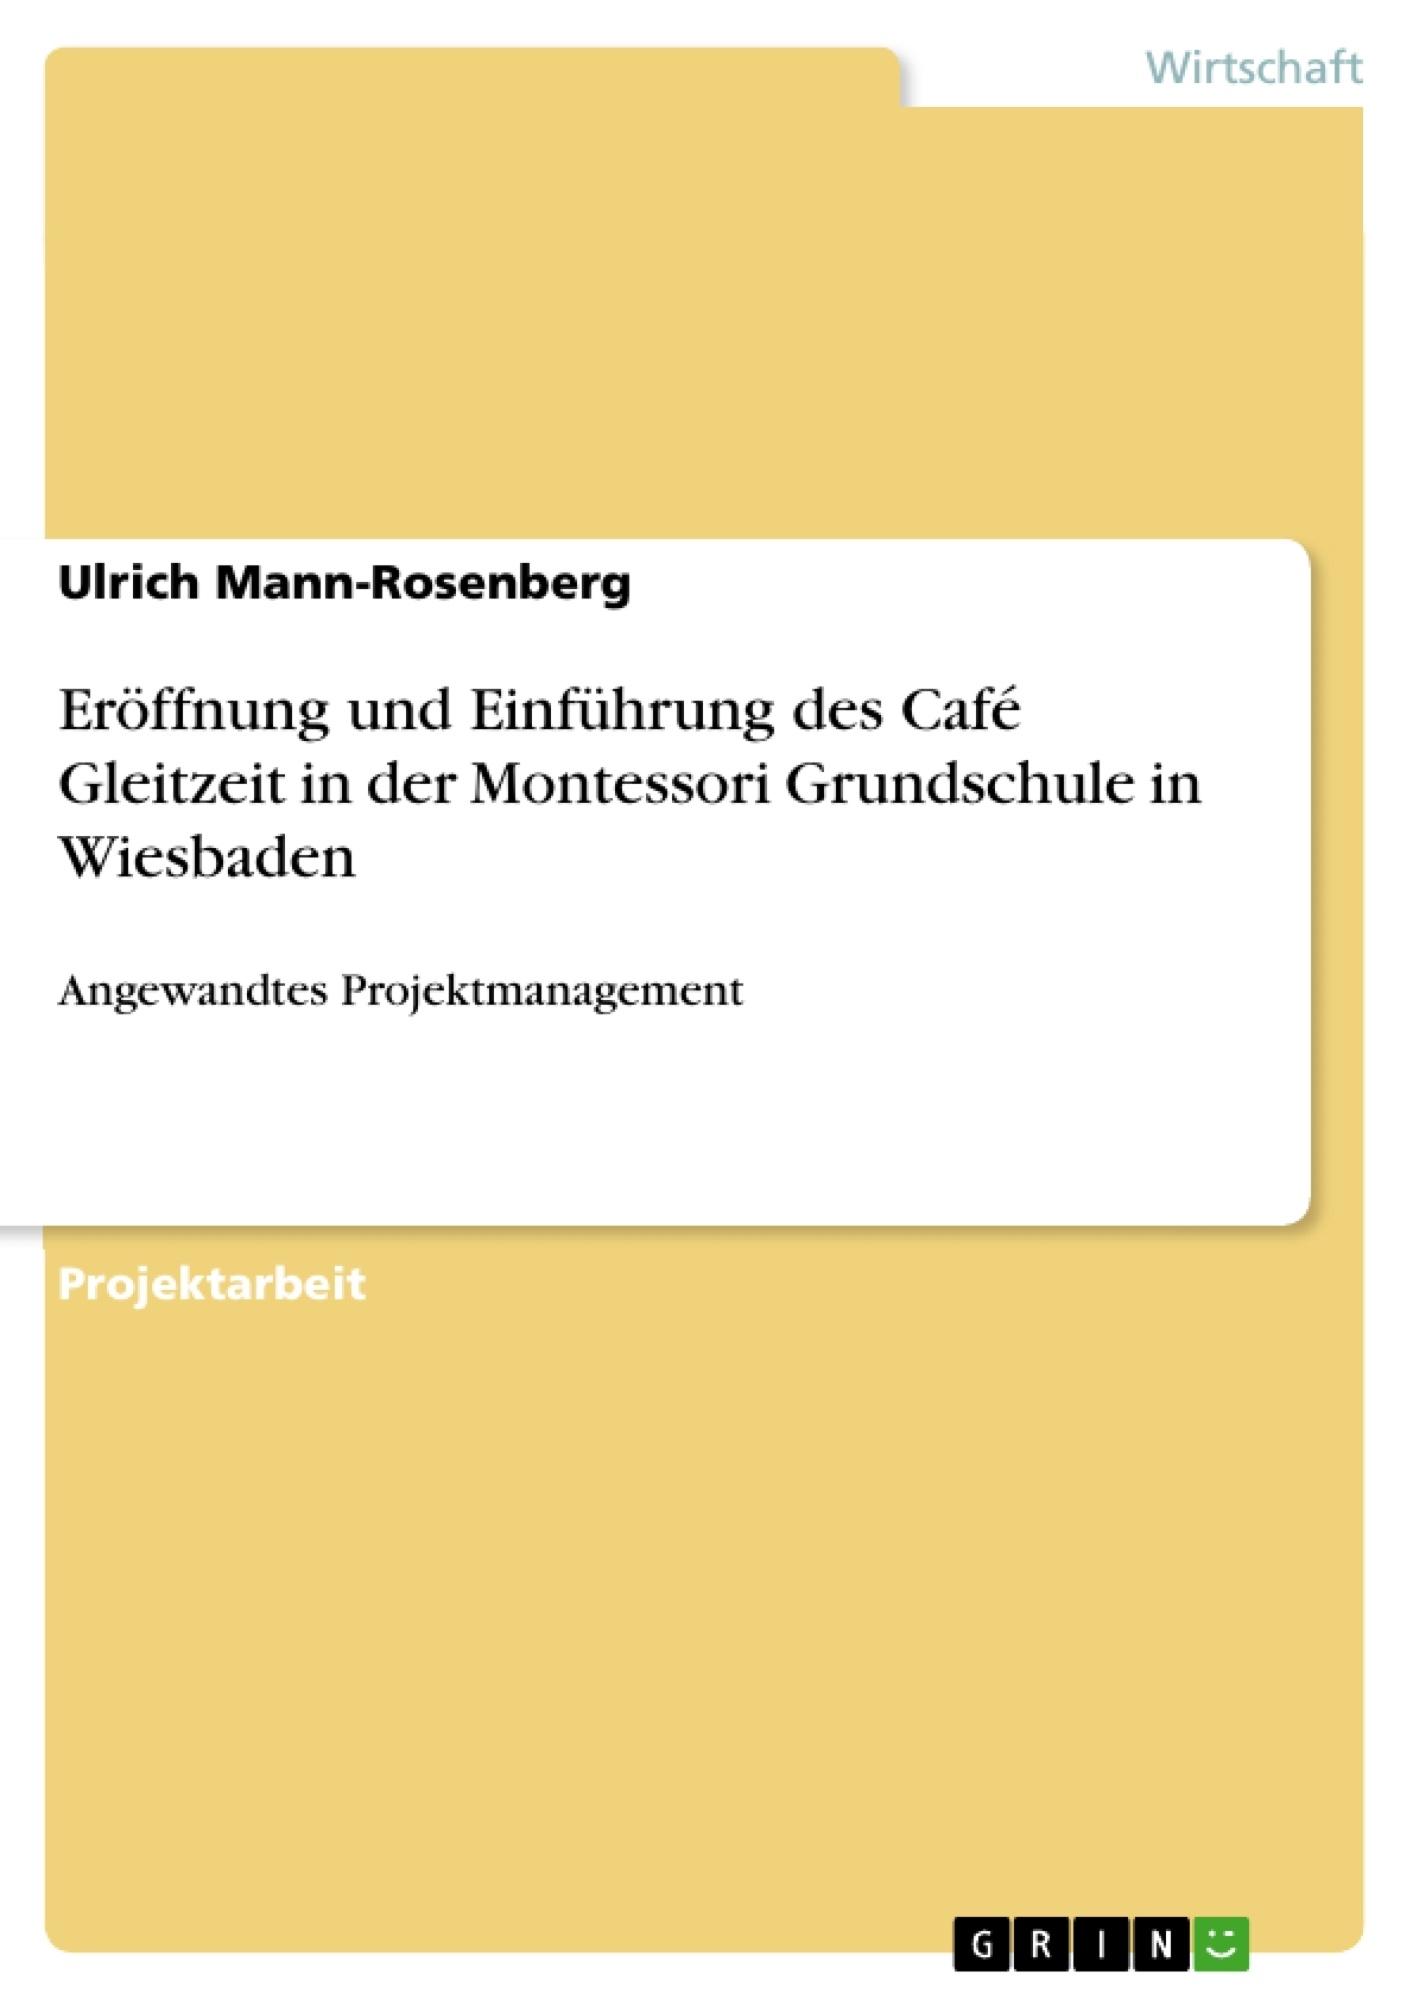 Titel: Eröffnung und Einführung des Café Gleitzeit in der Montessori Grundschule in Wiesbaden